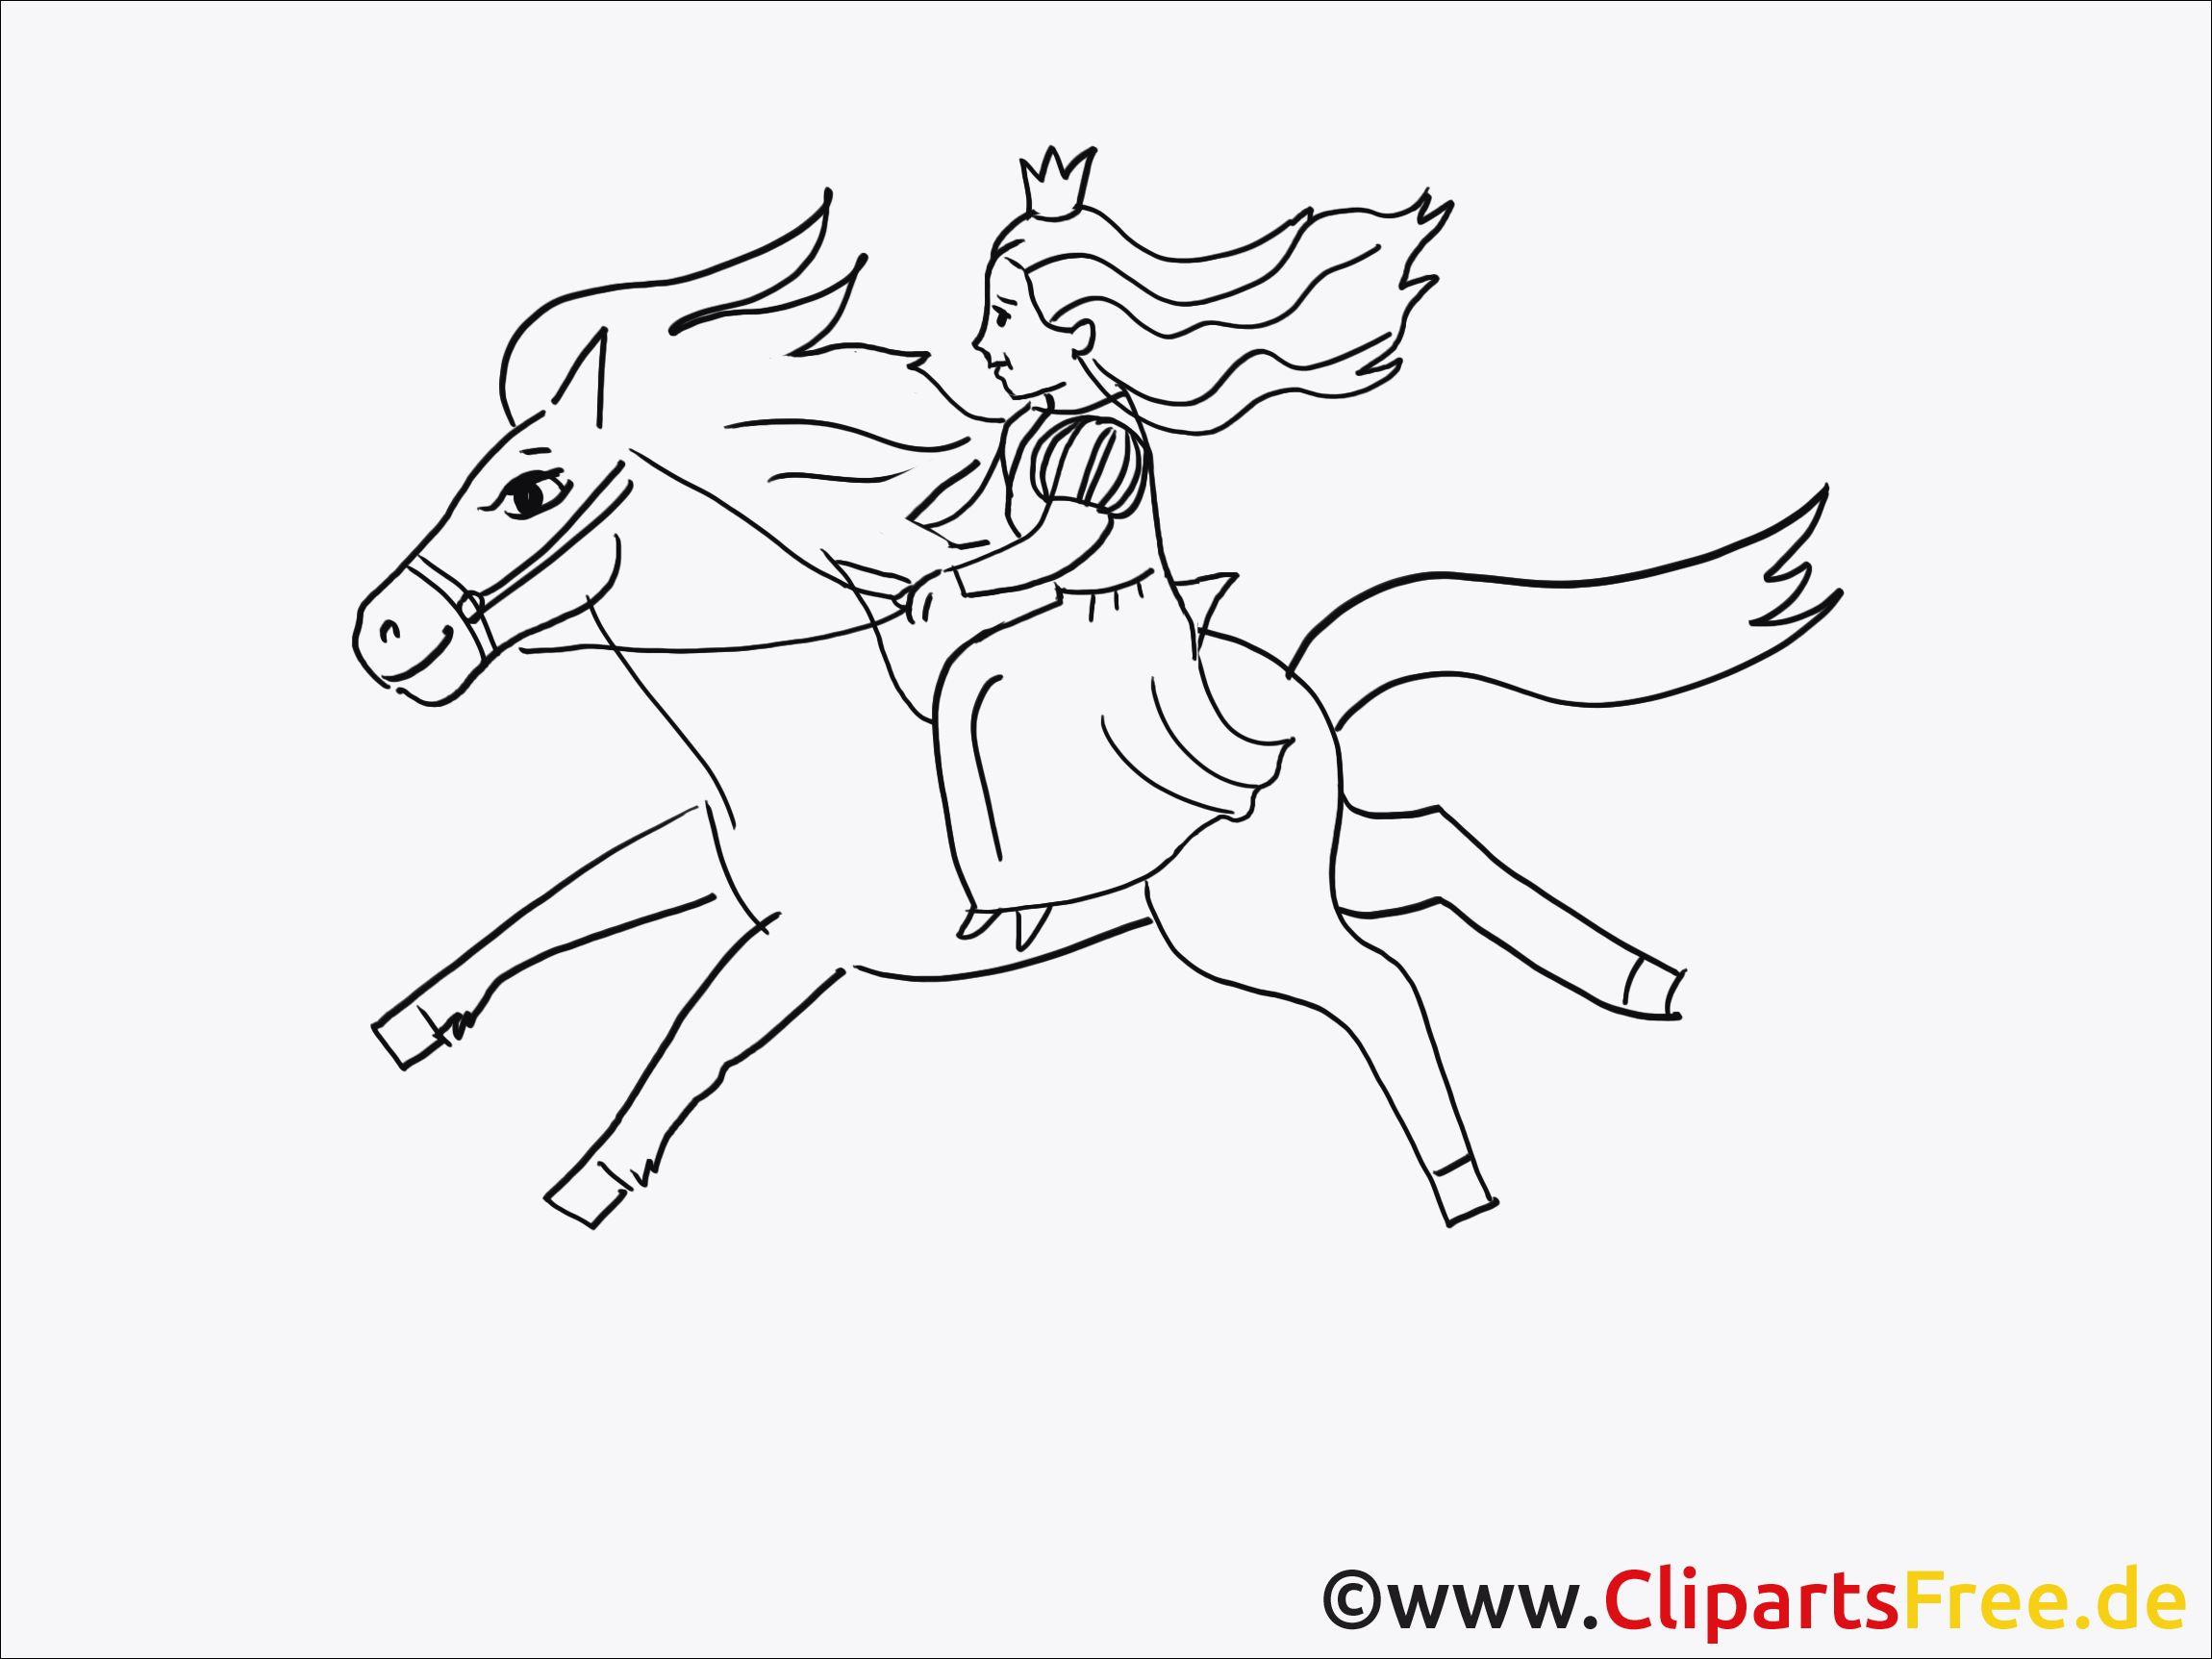 voltigieren ausmalbilder pferde dressur  20 der besten